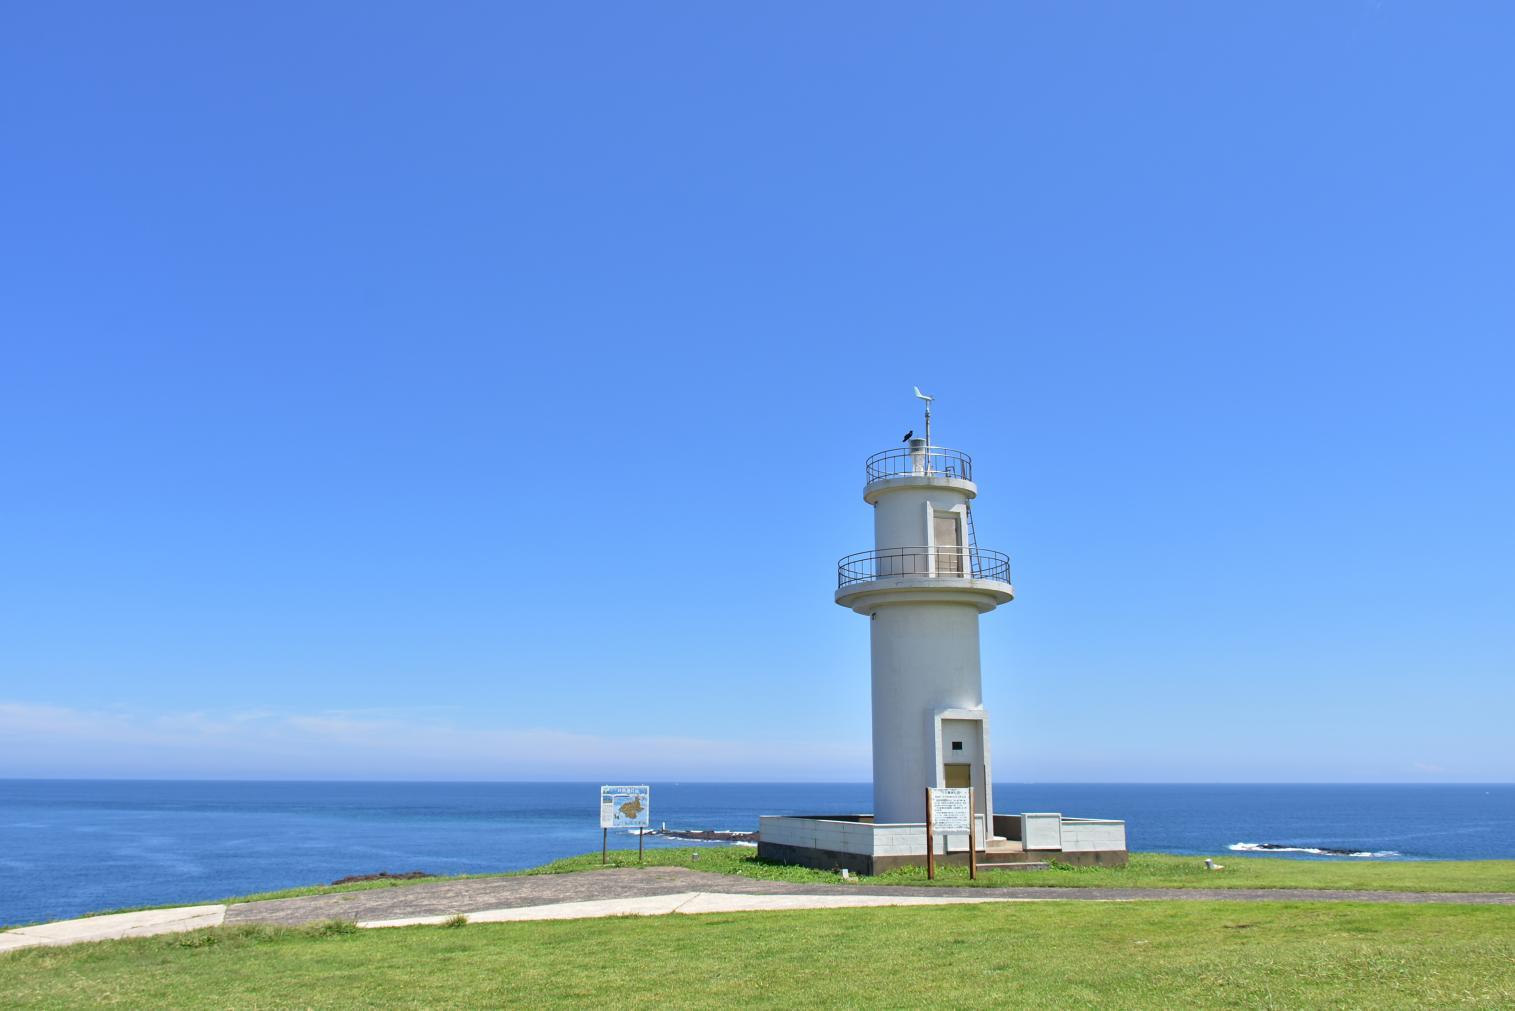 水平線が丸く見える常夏の島、海の大パノラマに感動。-1